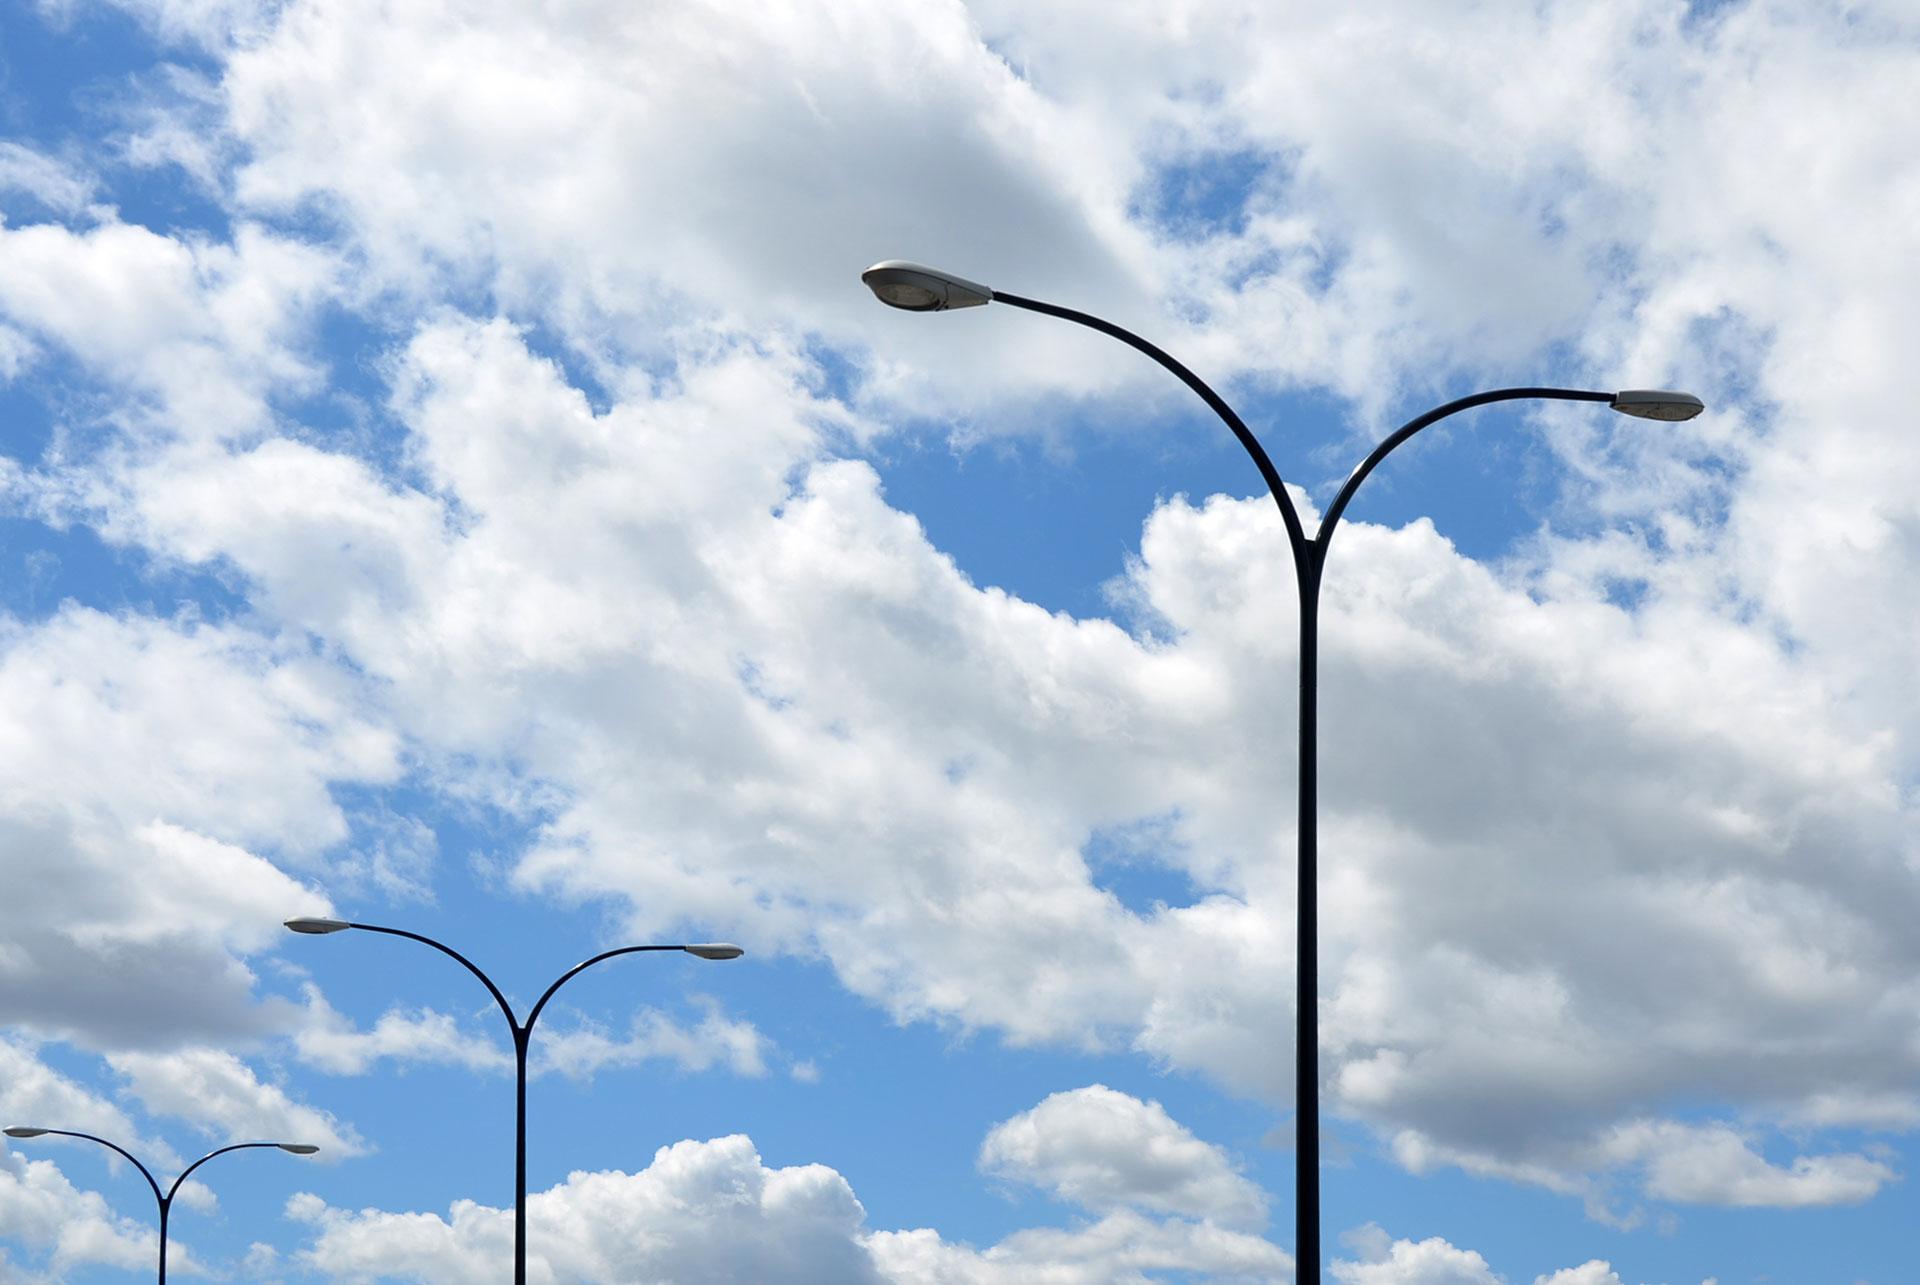 montreal sky